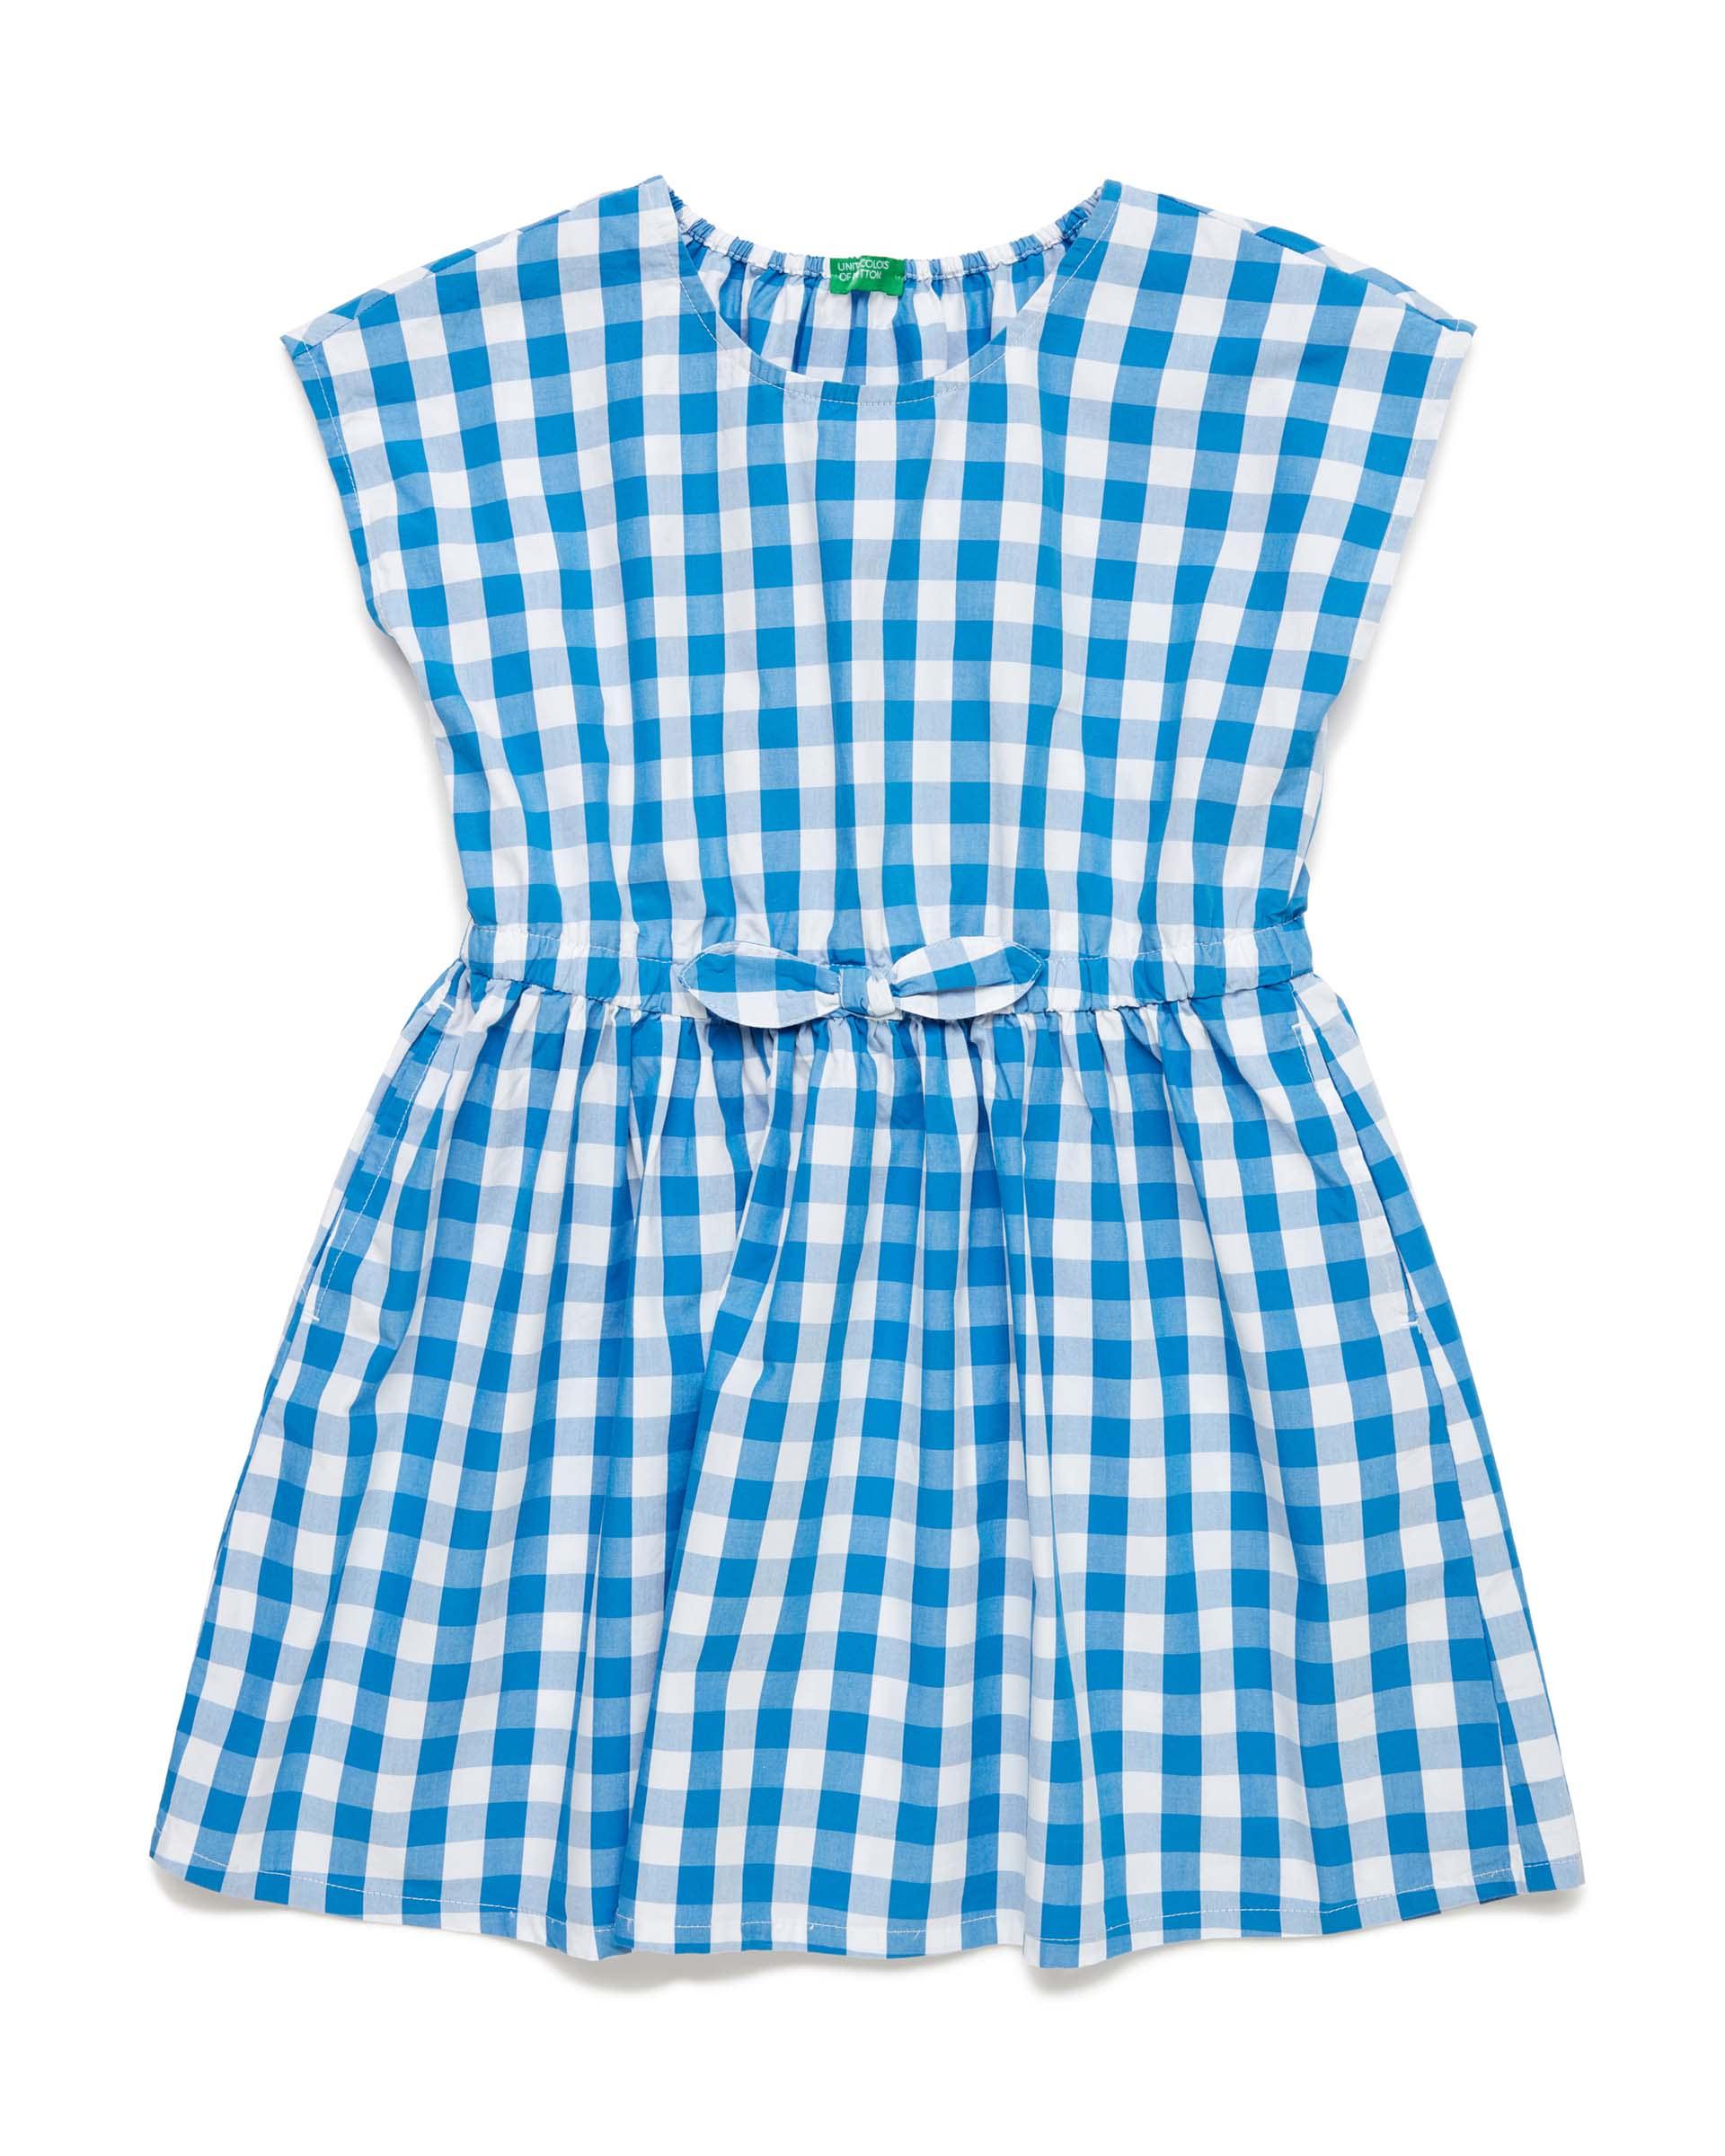 Купить 20P_4OT75VDG0_910, Платье для девочек Benetton 4OT75VDG0_910 р-р 122, United Colors of Benetton, Платья для девочек